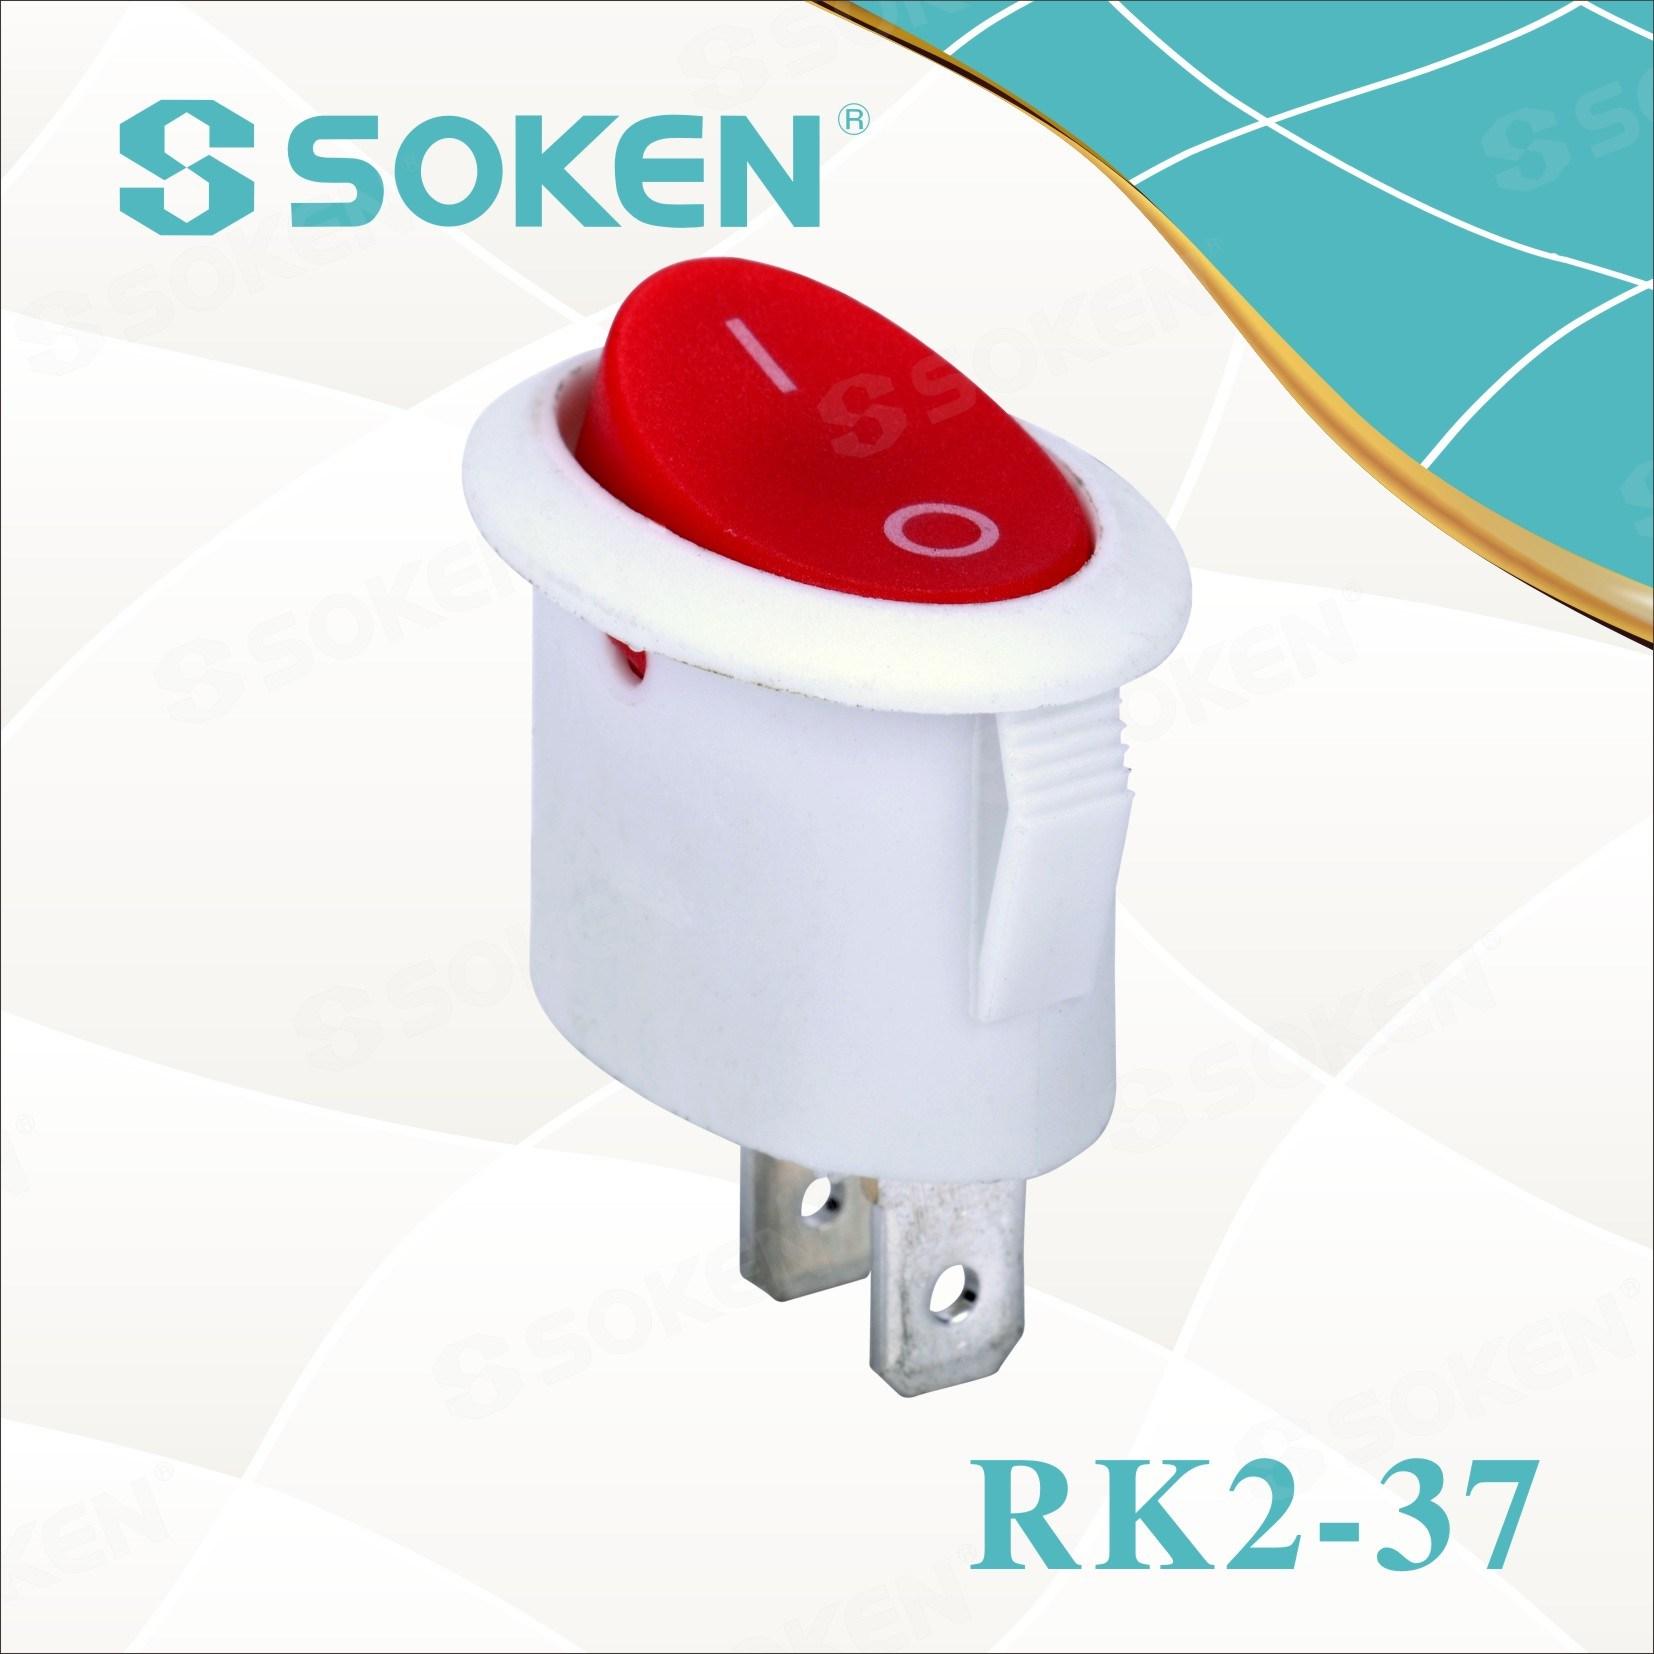 Soken Oval Rocker Switch